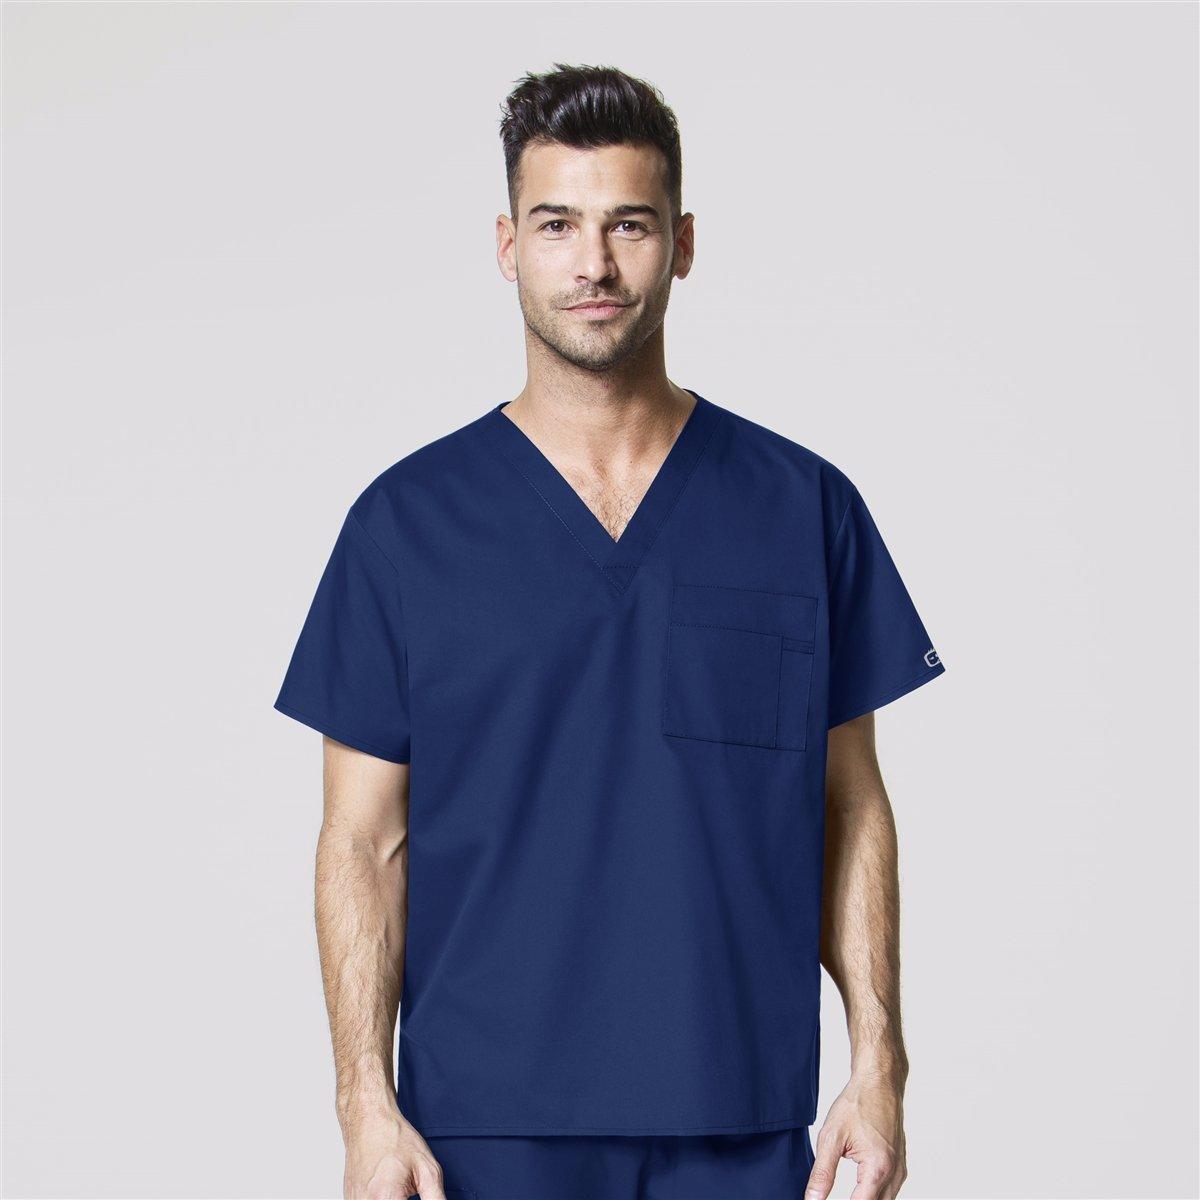 Wonderwink Medical Scrub CBL Zip Front V-Neck Scrub Top Size XS-XXL NWT